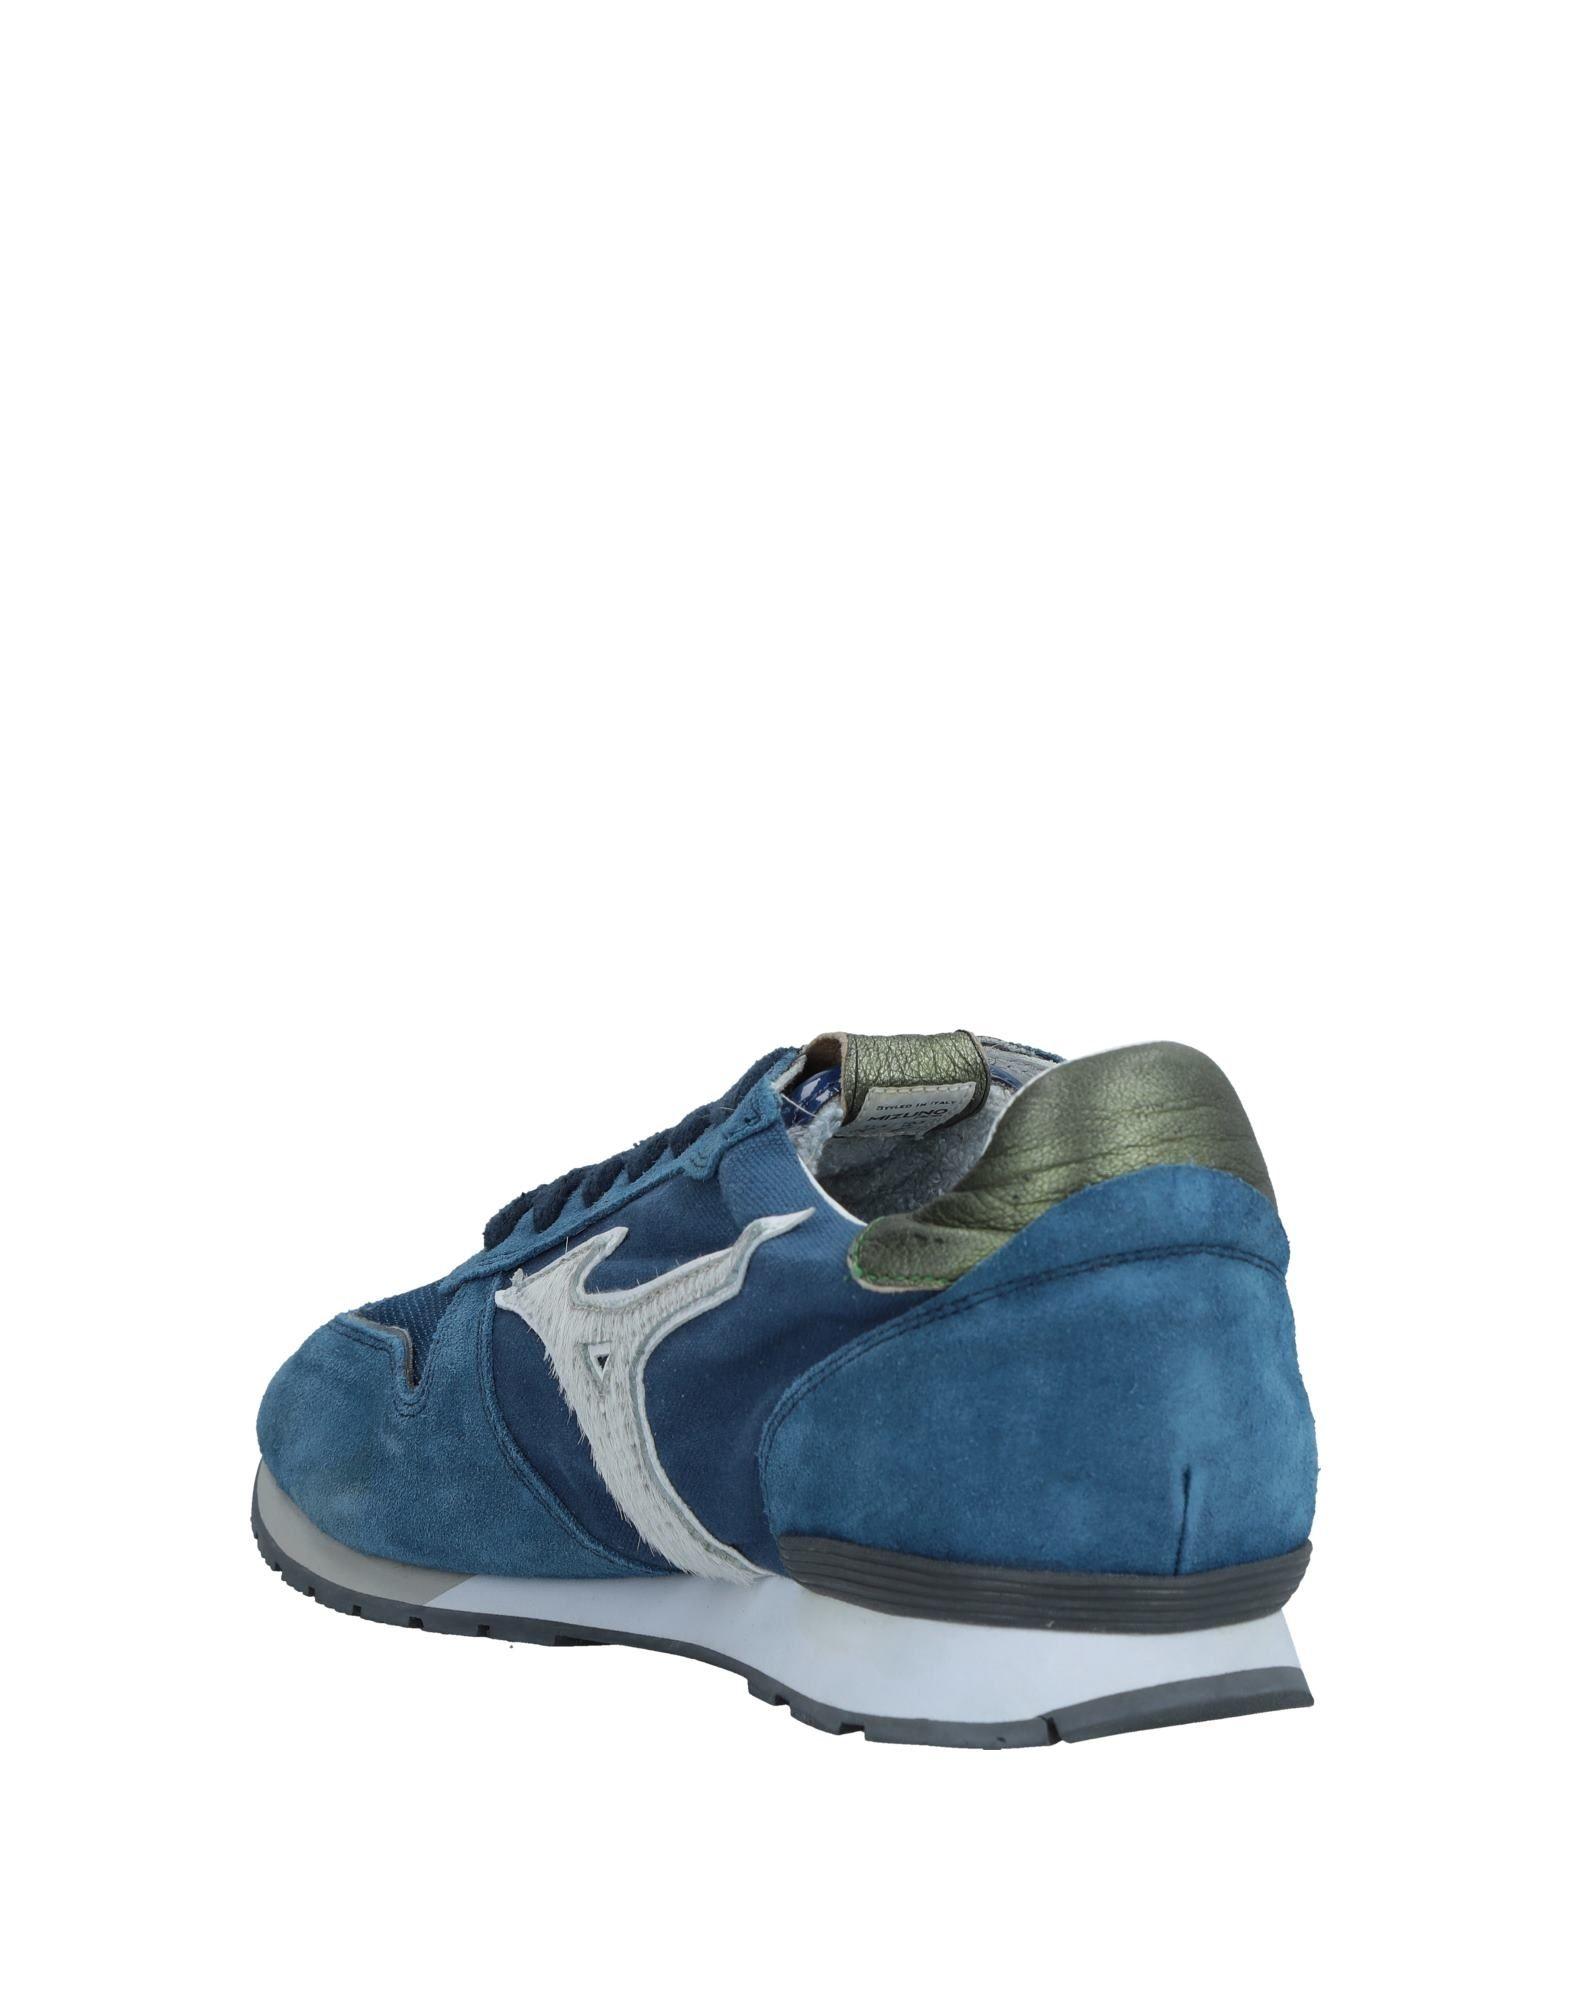 11524211RB Mizuno Sneakers Herren  11524211RB  1379df